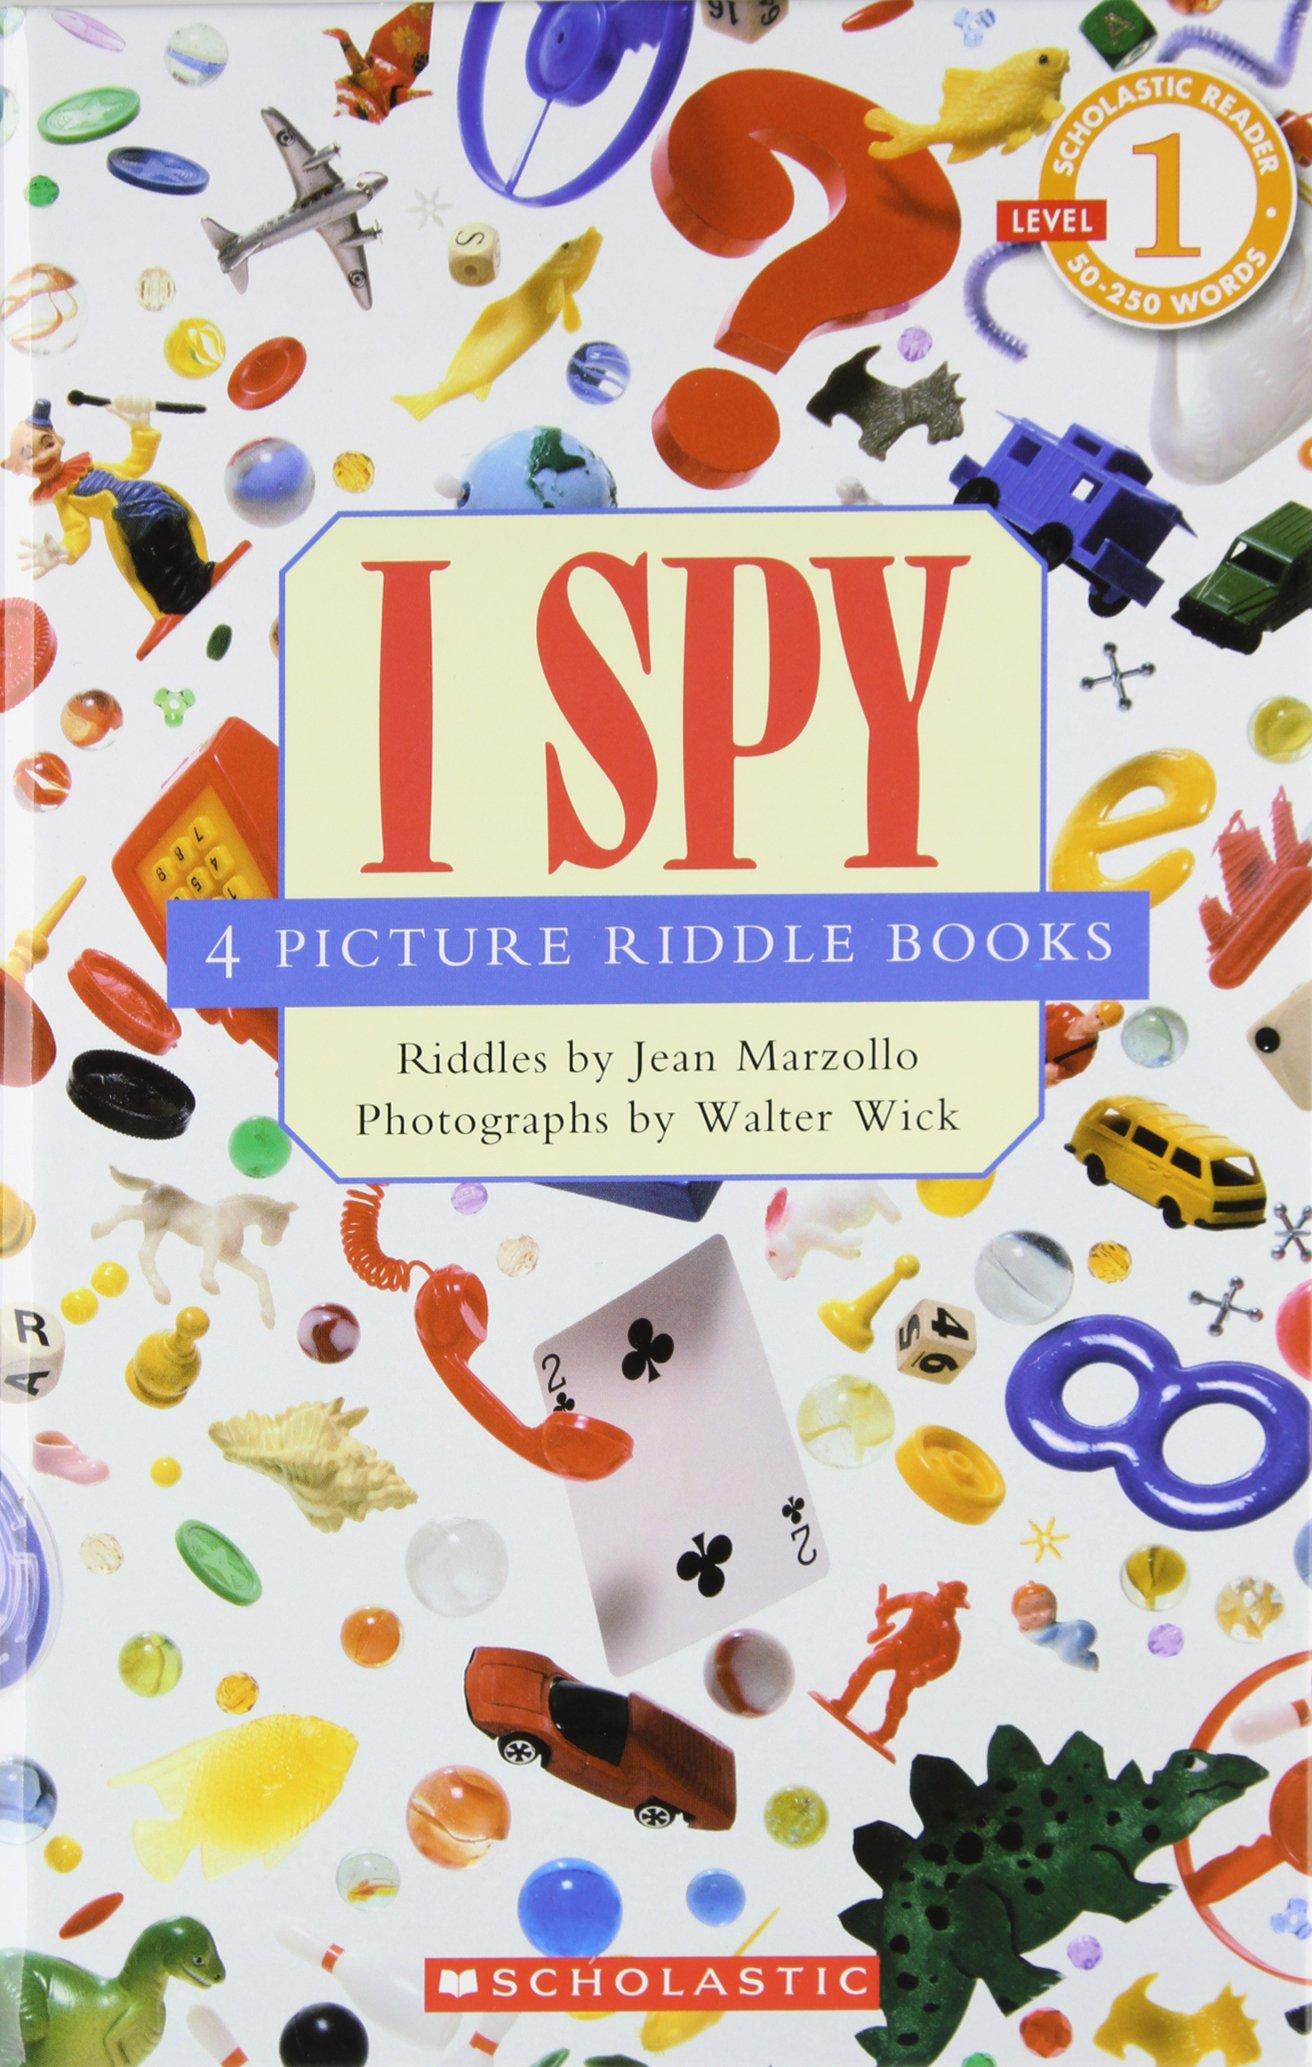 Traveller Location: Scholastic reader, Level 1: I Spy 4 Picture Riddle Books  (9780439763097): Jean Marzollo, Walter Wick: Books